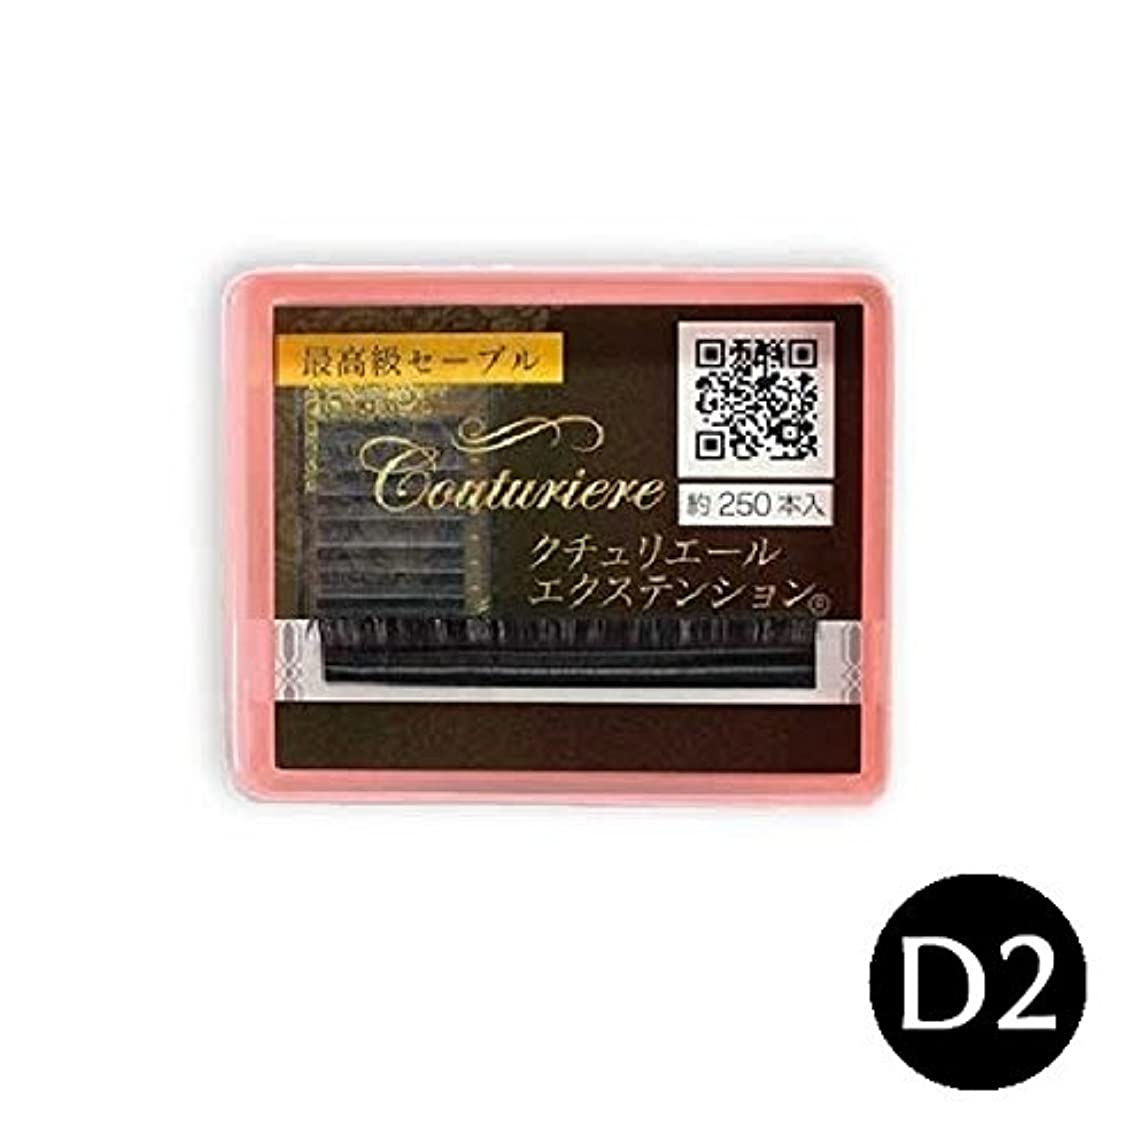 まつげエクステ マツエク クチュリエール D2カール (1列) (0.18mm 9mm)